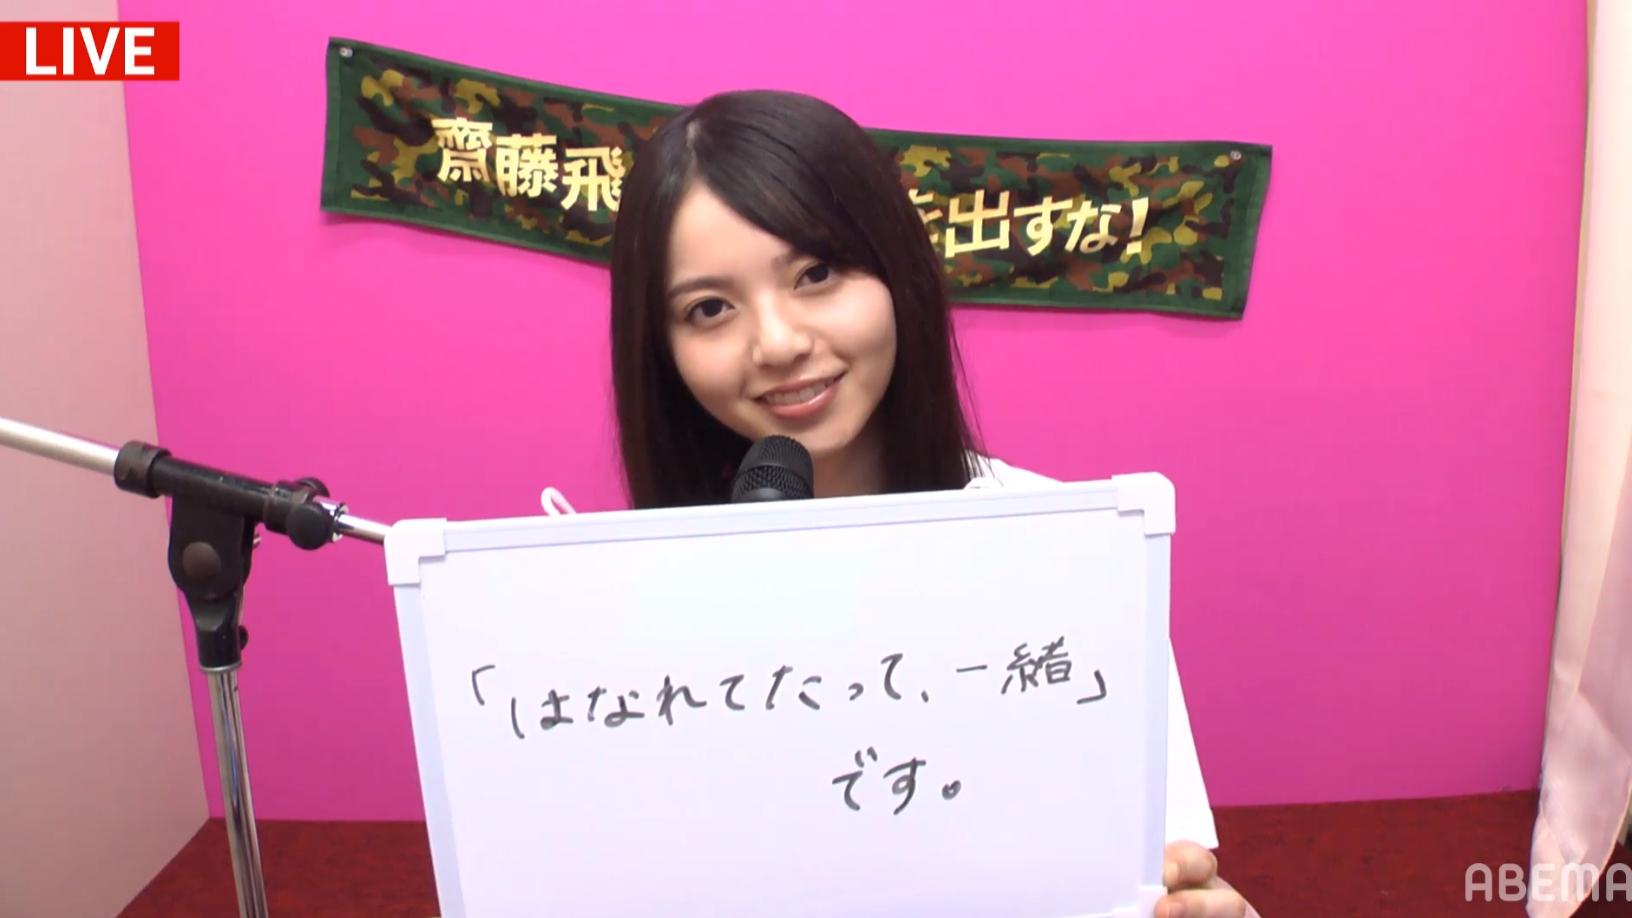 乃木坂46時間TV 「はなれてたって、ぼくらはいっしょ!」スペシャルライブ 全场